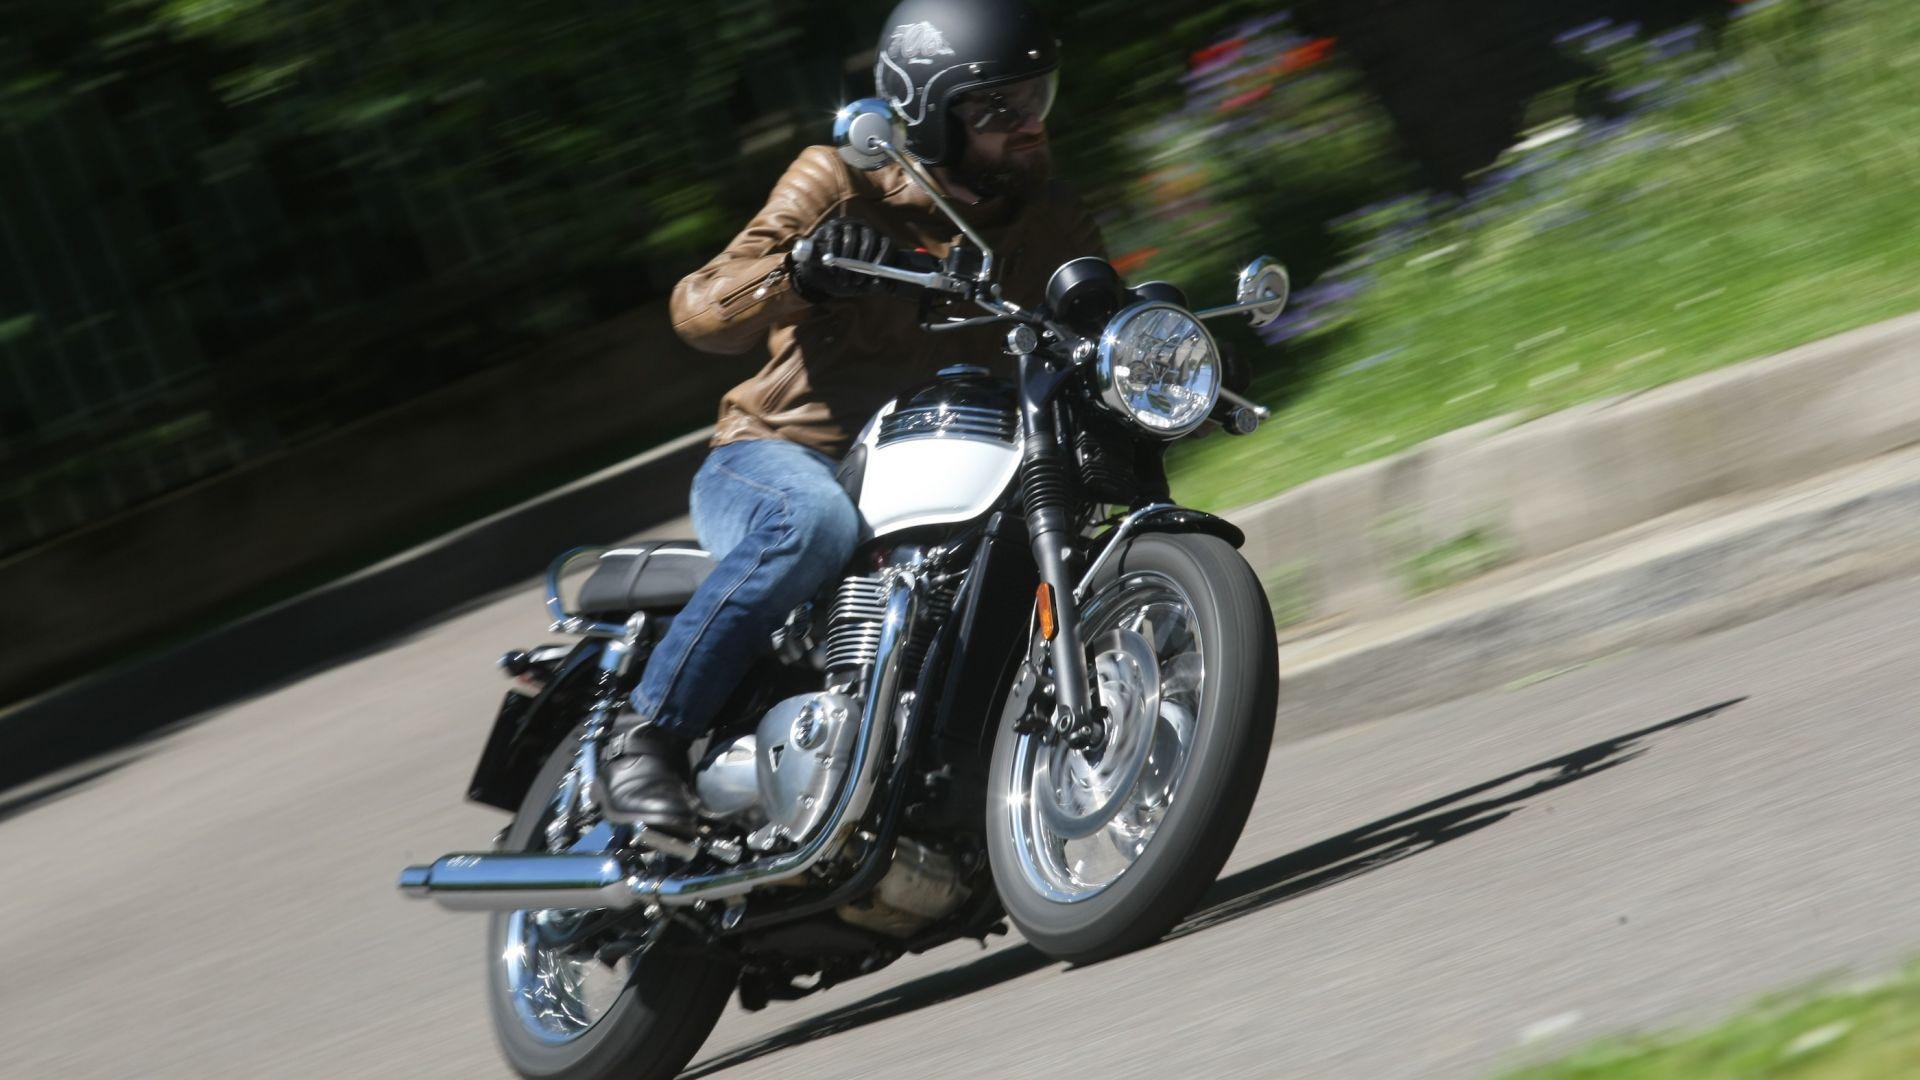 Motorbox Prova La Su Prova Bonneville Strada Triumph T120 X0441fwq